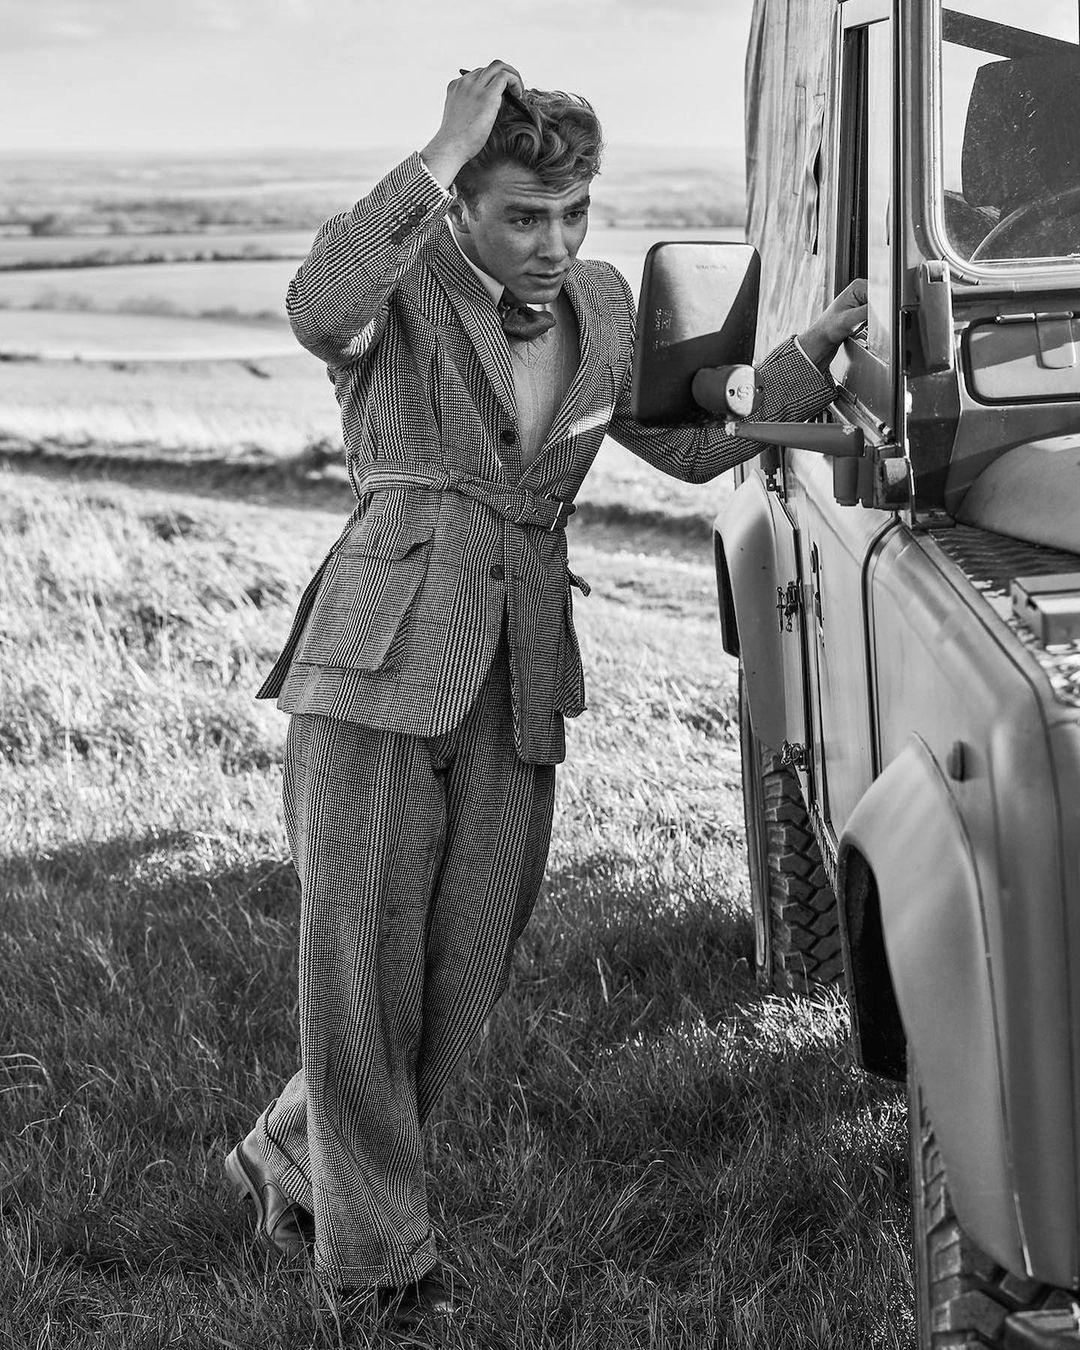 Новое лицо fashion-индустрии: 20-летний сын Мадонны и Гая Риччи стал моделью (ФОТО) - фото №2